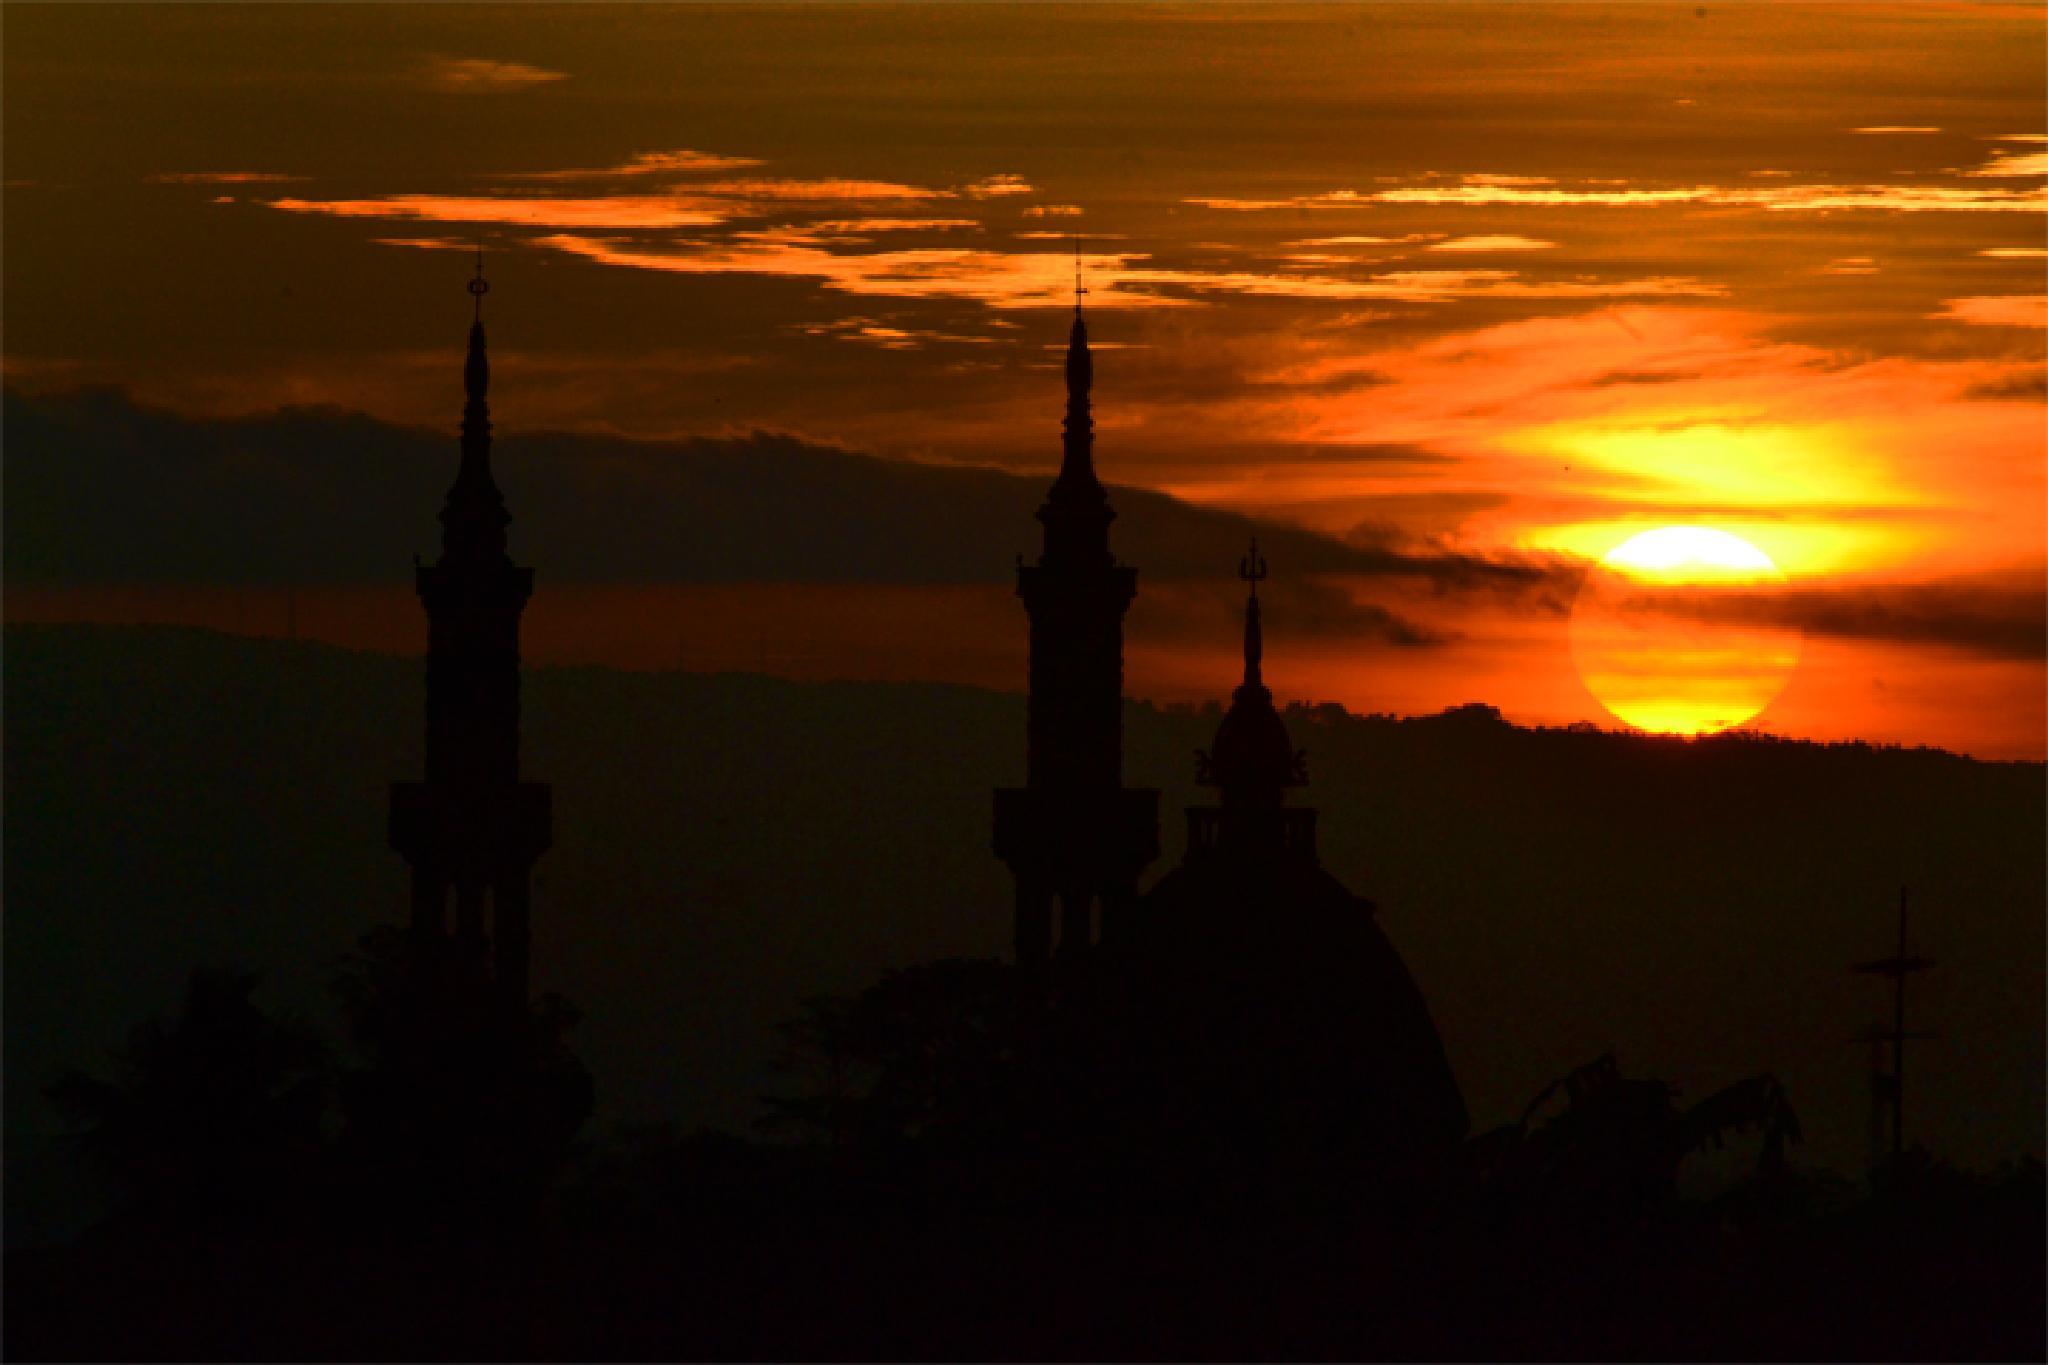 3 menara&Matahari Senja by Dewa Kelana VR